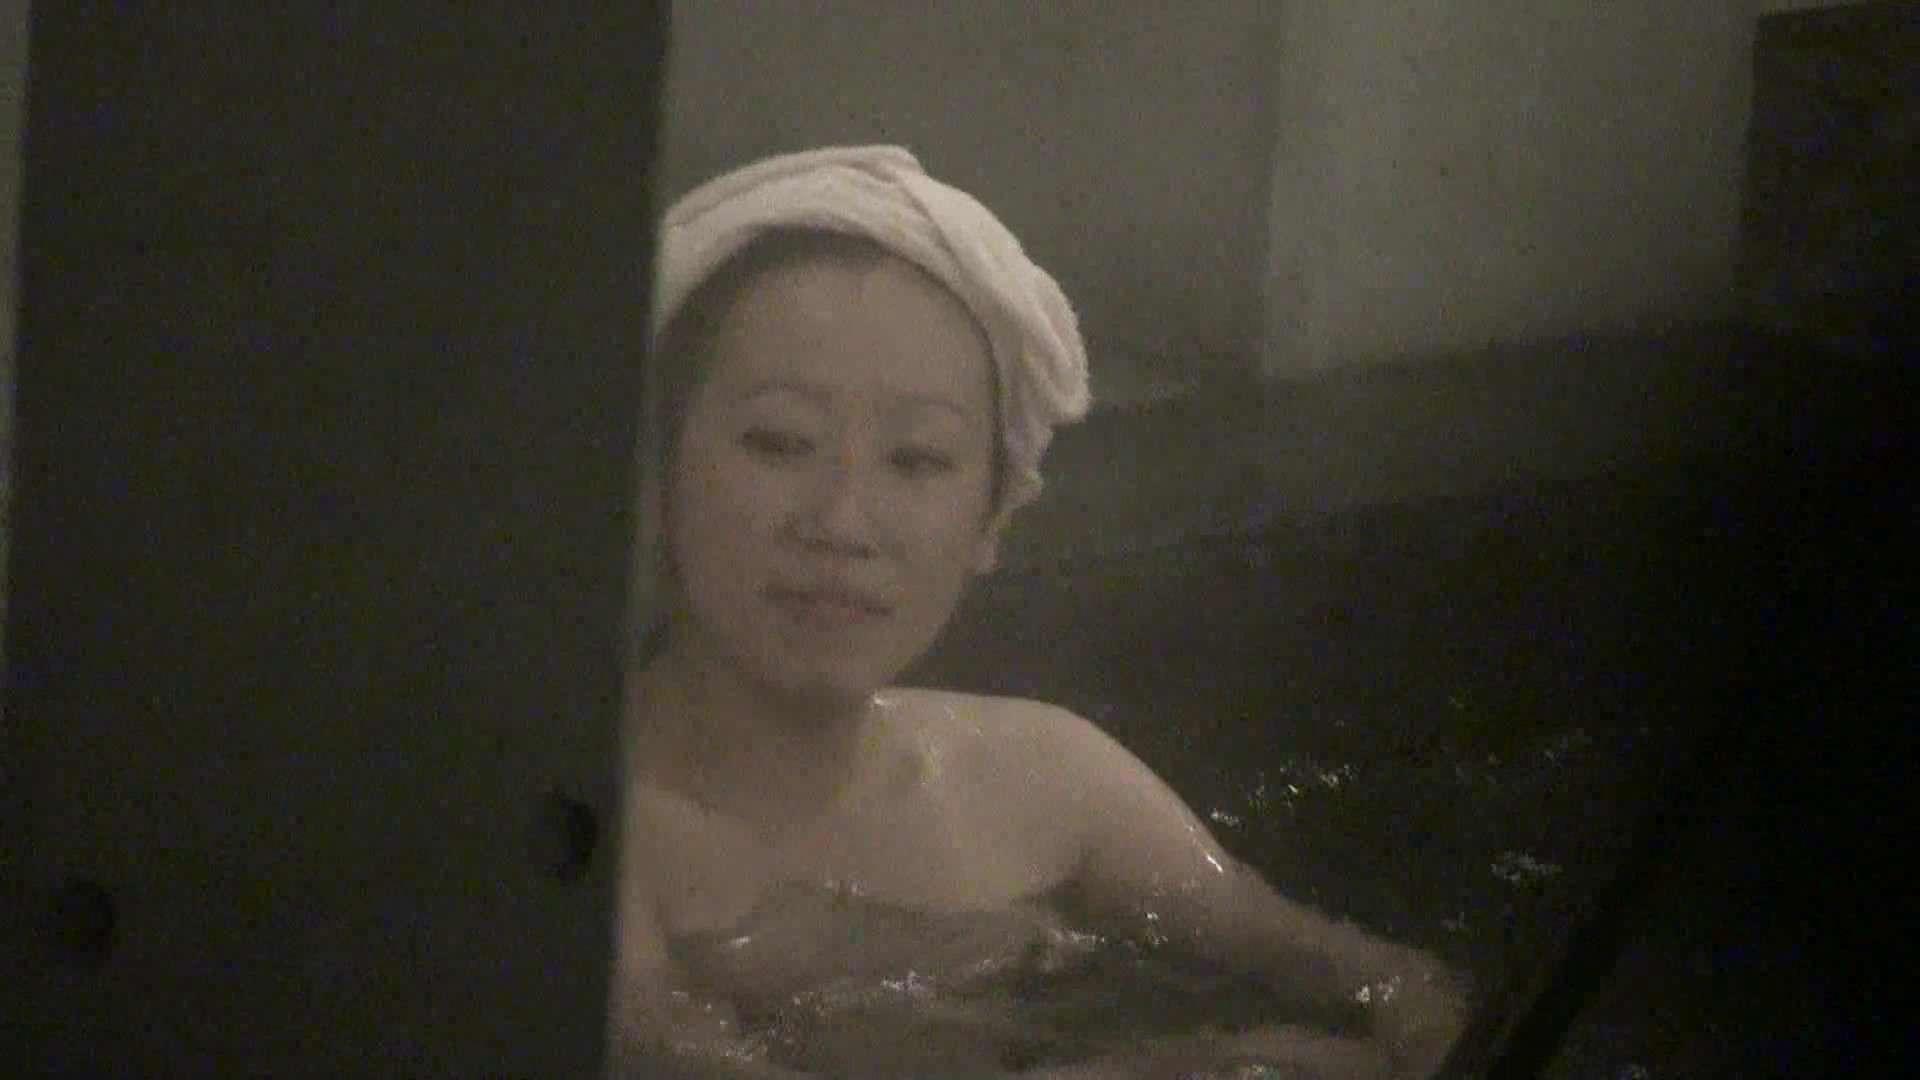 Aquaな露天風呂Vol.416 OLセックス 盗撮えろ無修正画像 52画像 2